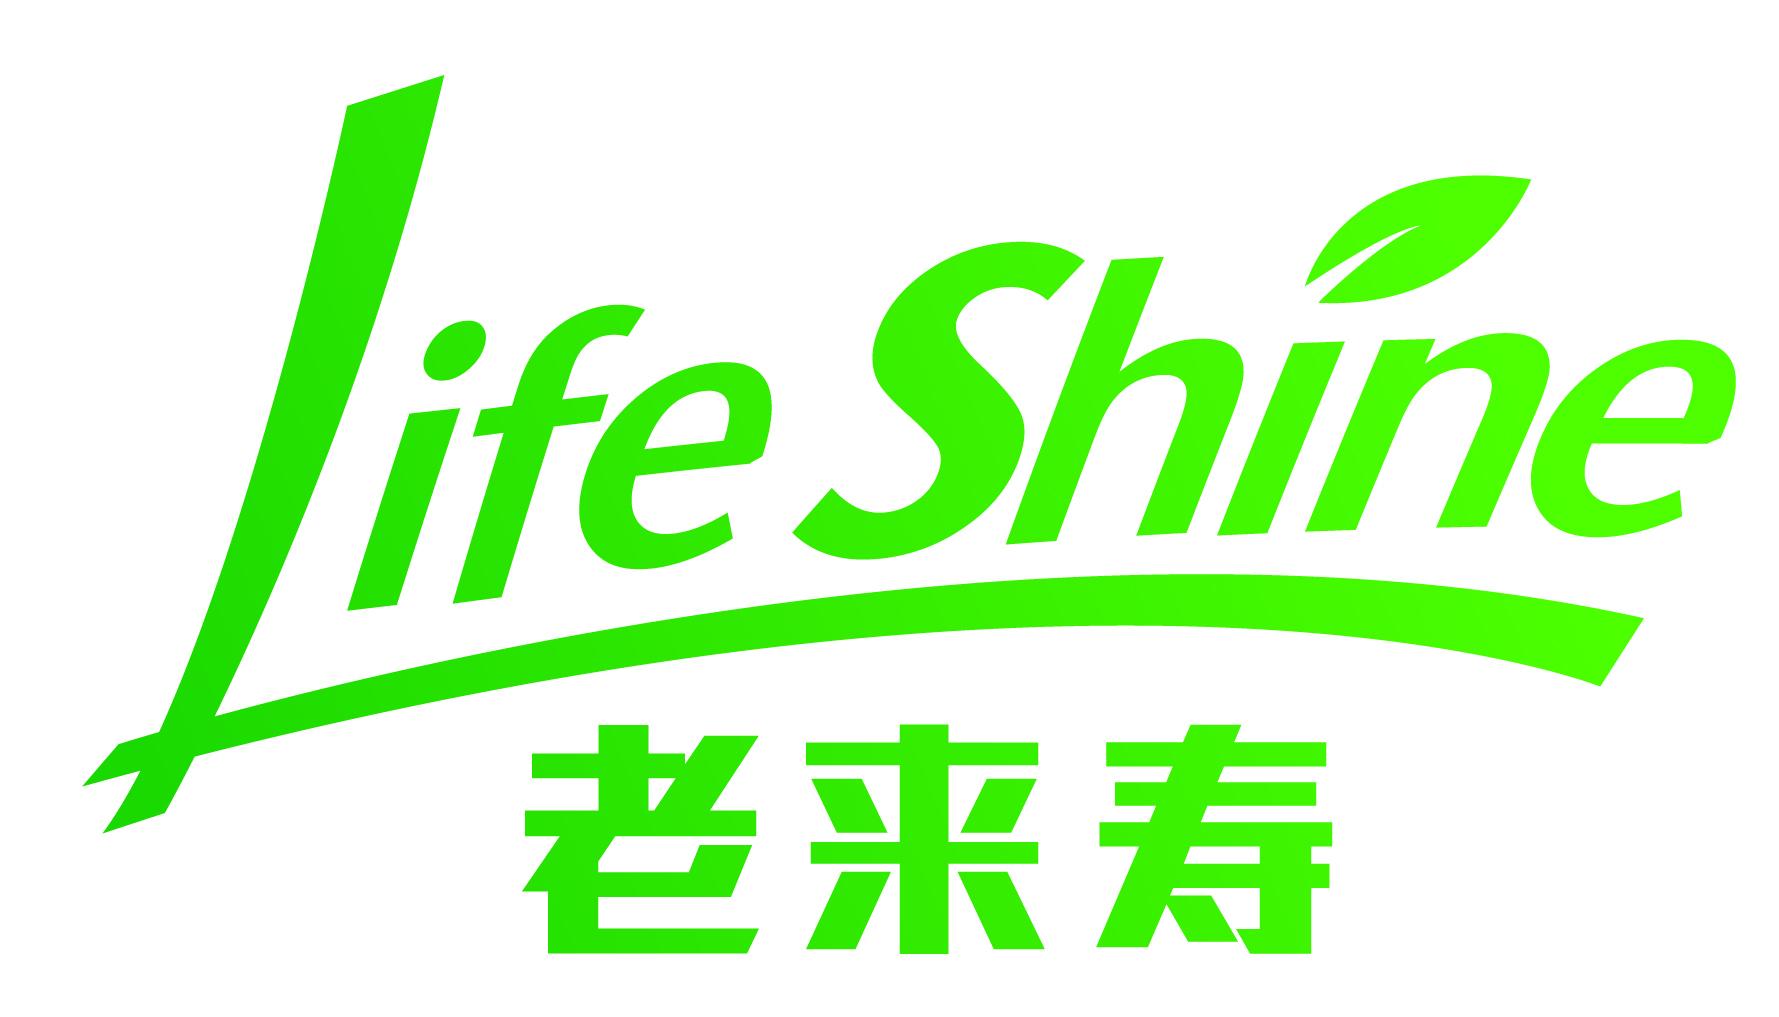 济南老来寿生物集团股份有限公司 电子书制作软件